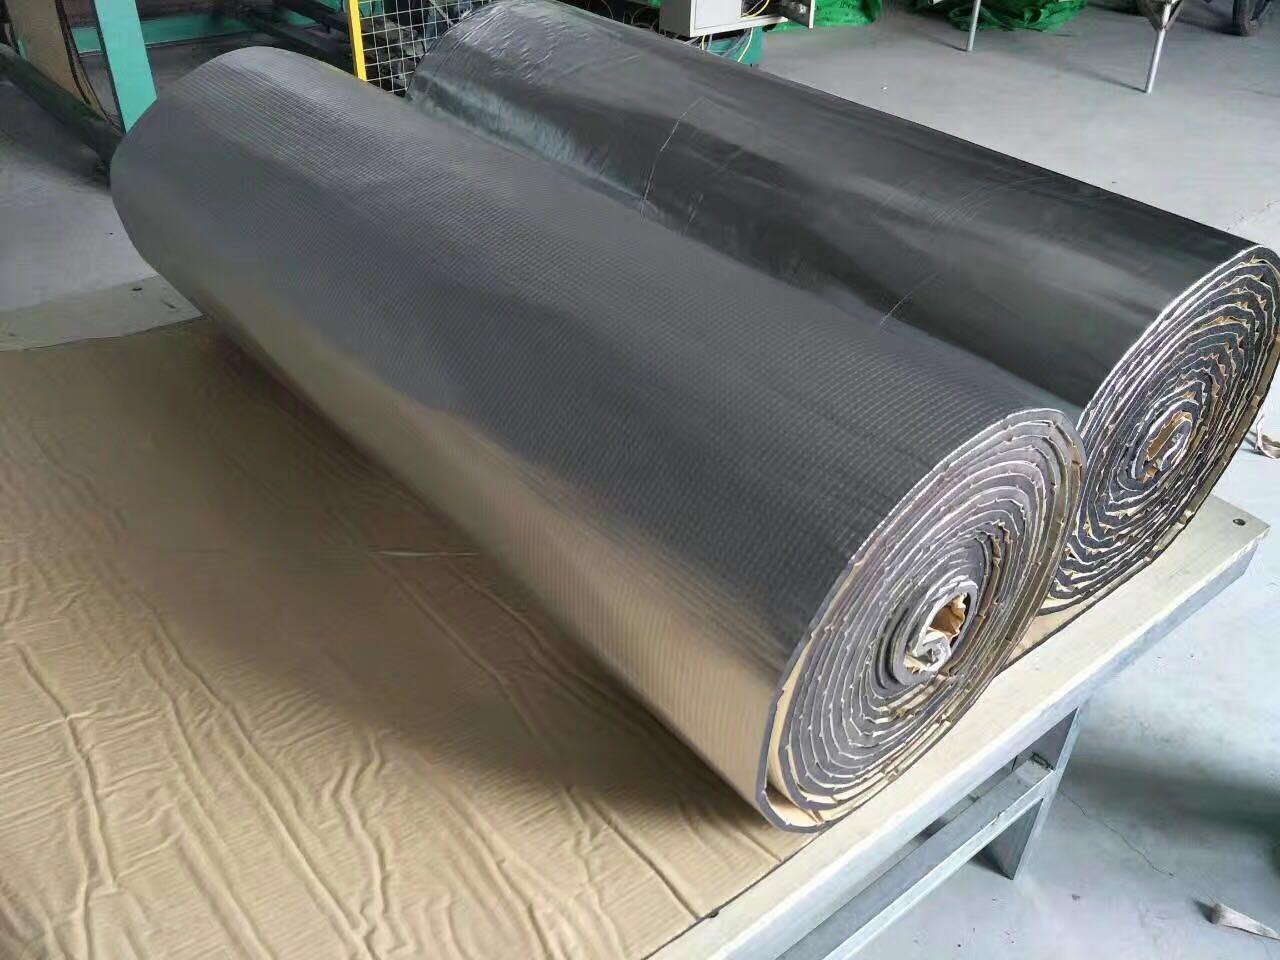 Dach - Baumwolle - dämmplatten Indoor - Wand - Baumwolle brandschutz - Reihe selbstklebende folie wärmedämmung